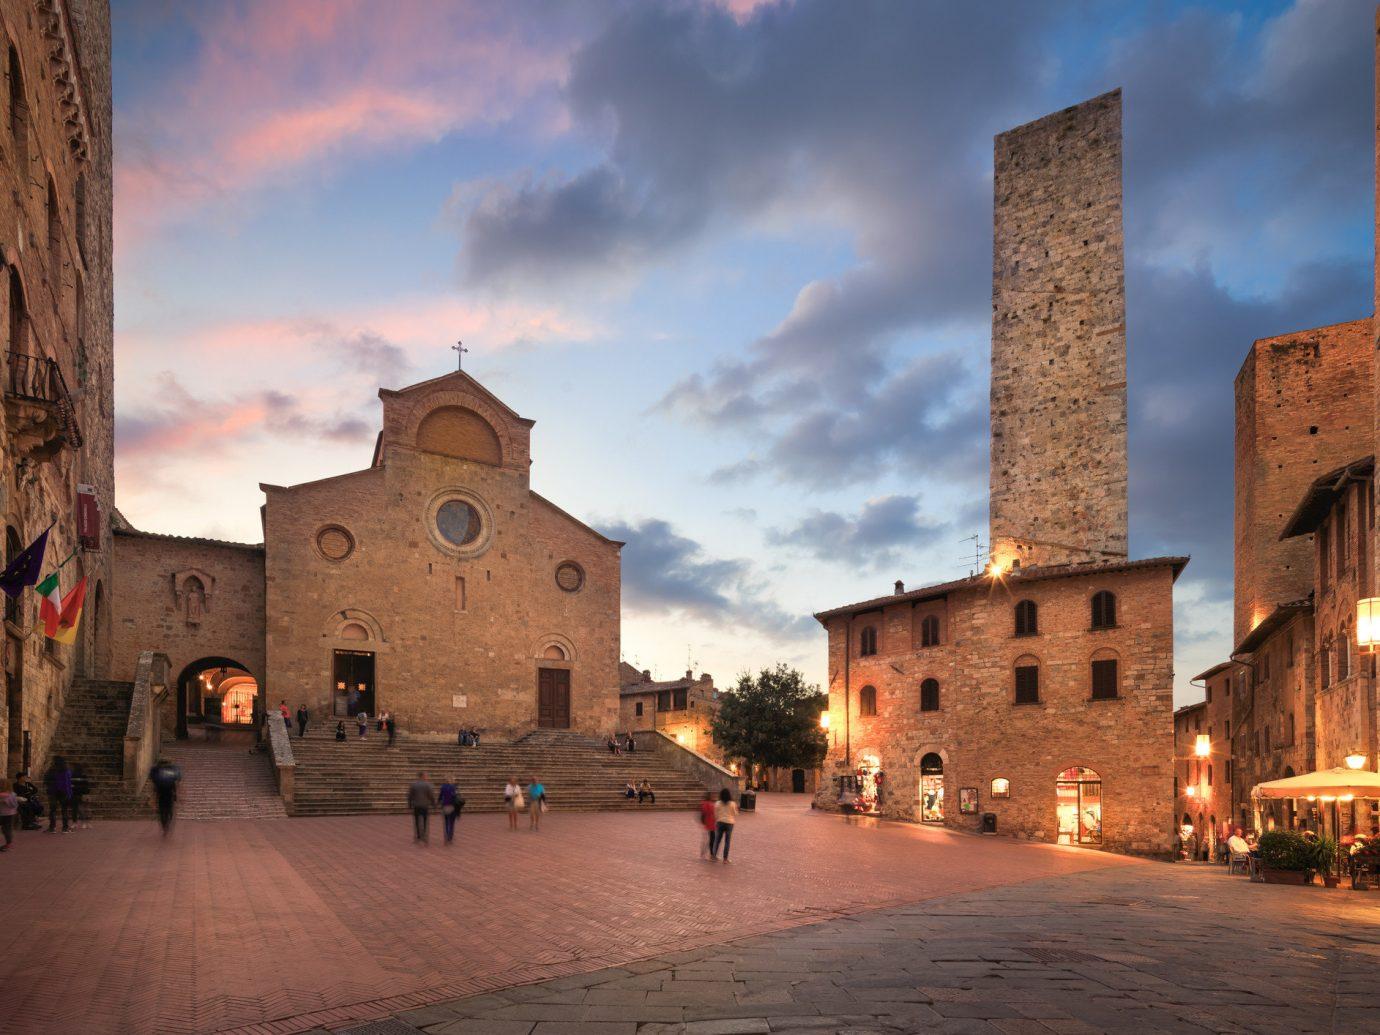 Scenes of San Gimignano, Italy at night